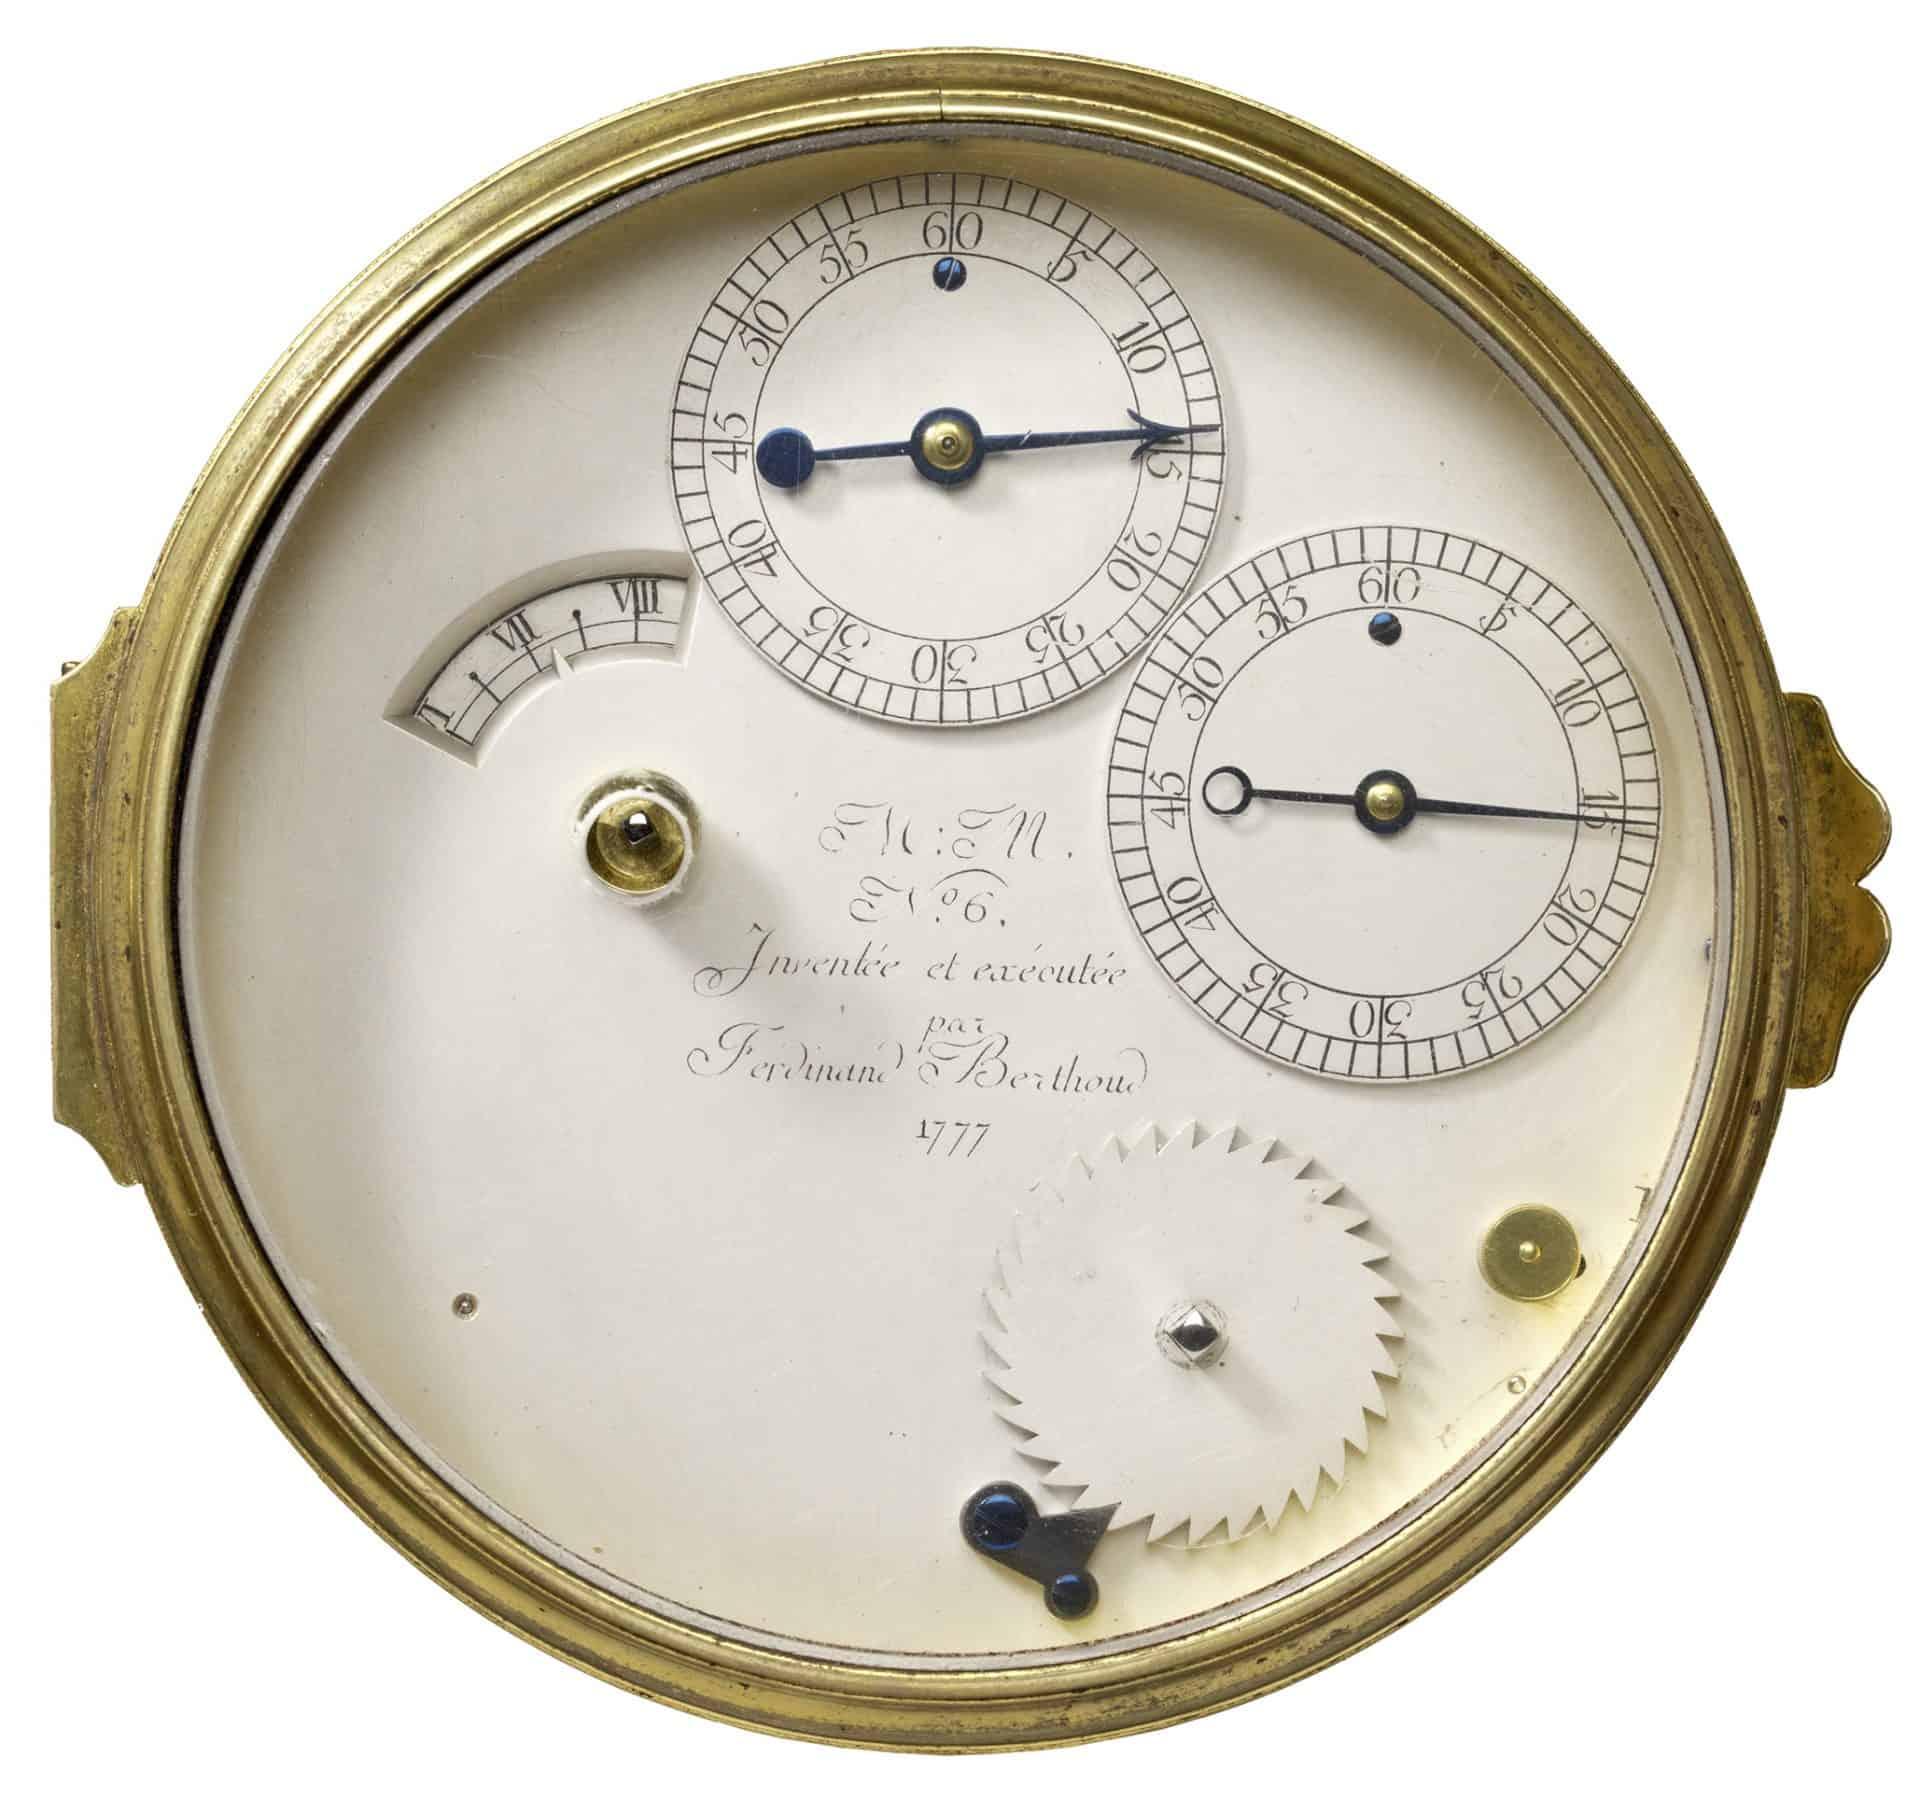 Das bereits sehr präzise anzeigende Zifferblatt des Ferdinand Berthoud Marinechronometers